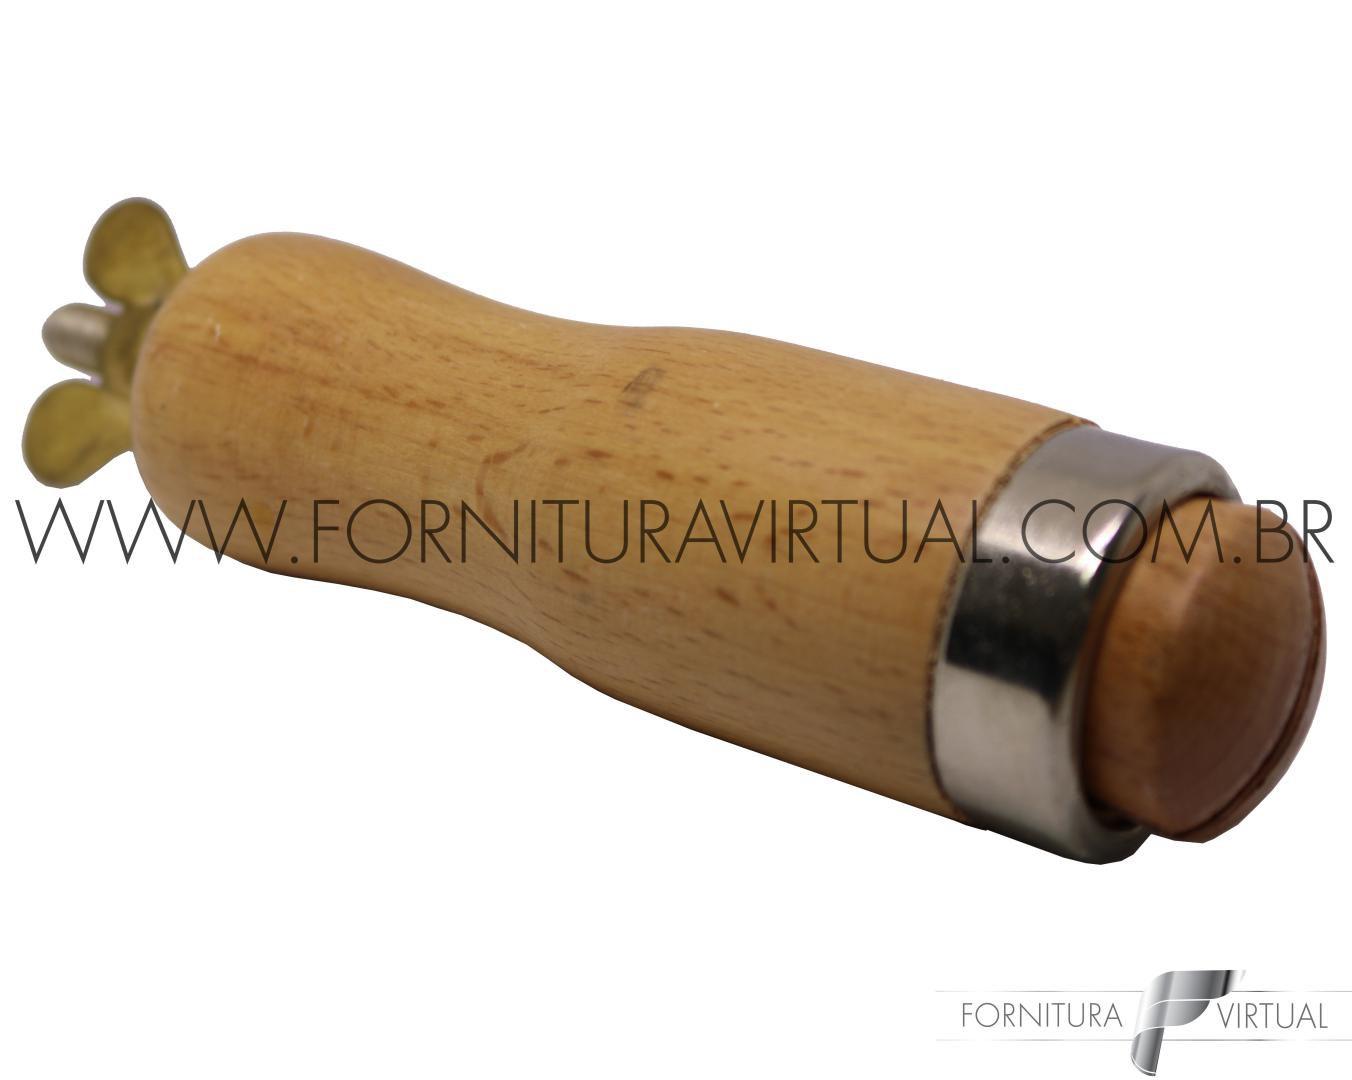 Morceto de Madeira com Borboleta - Modelo 02